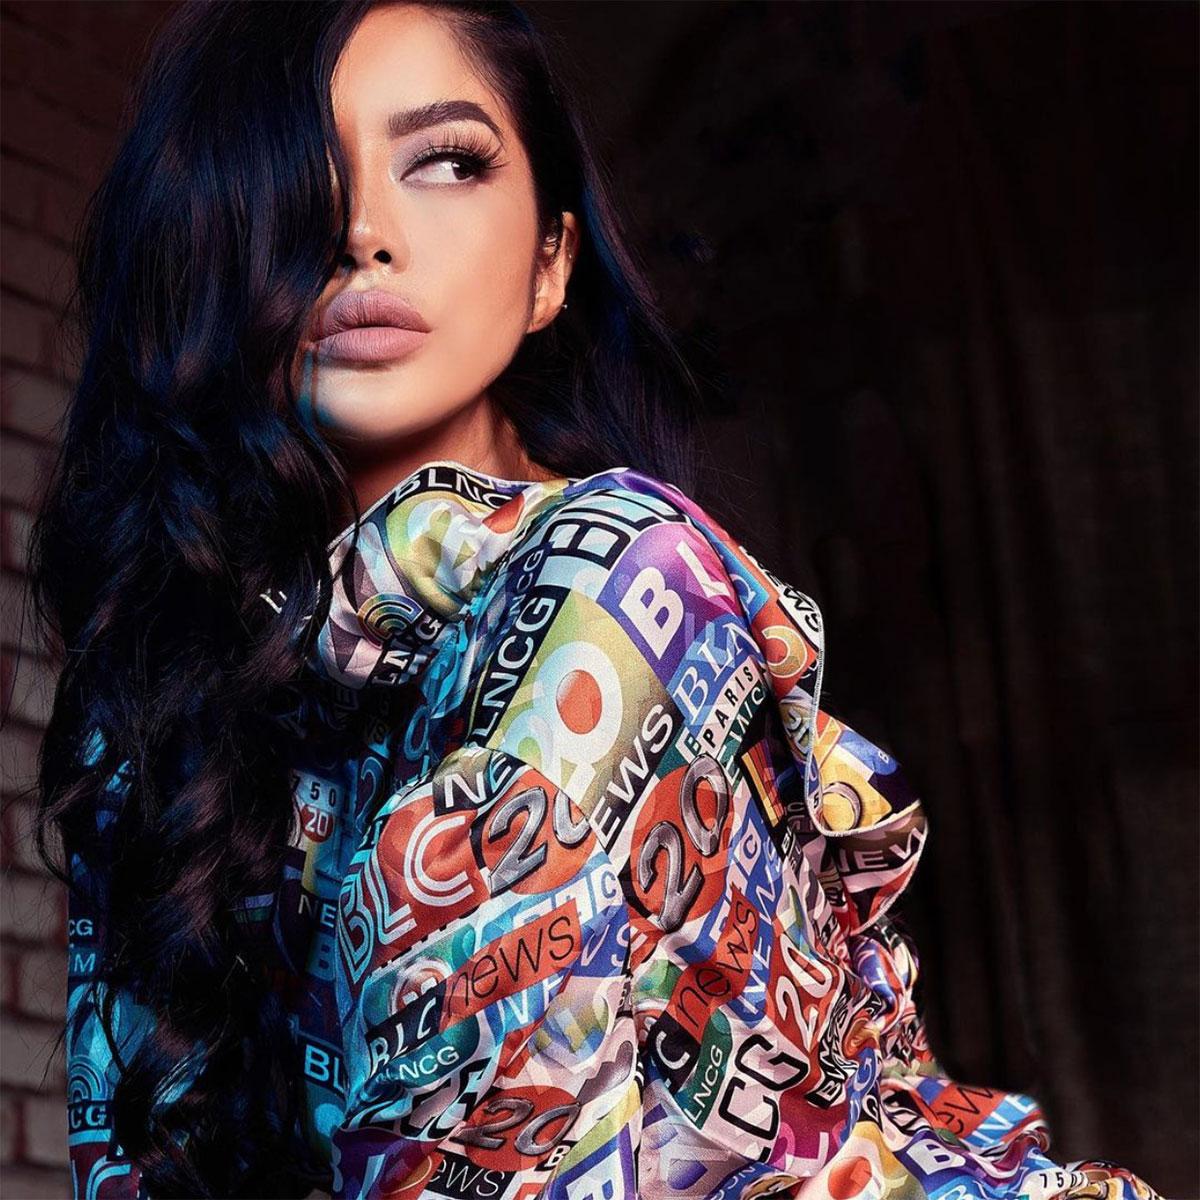 Bí quyết thành công của DJ Kim Lee, nàng DJ gốc Việt gợi cảm nhất thế giới